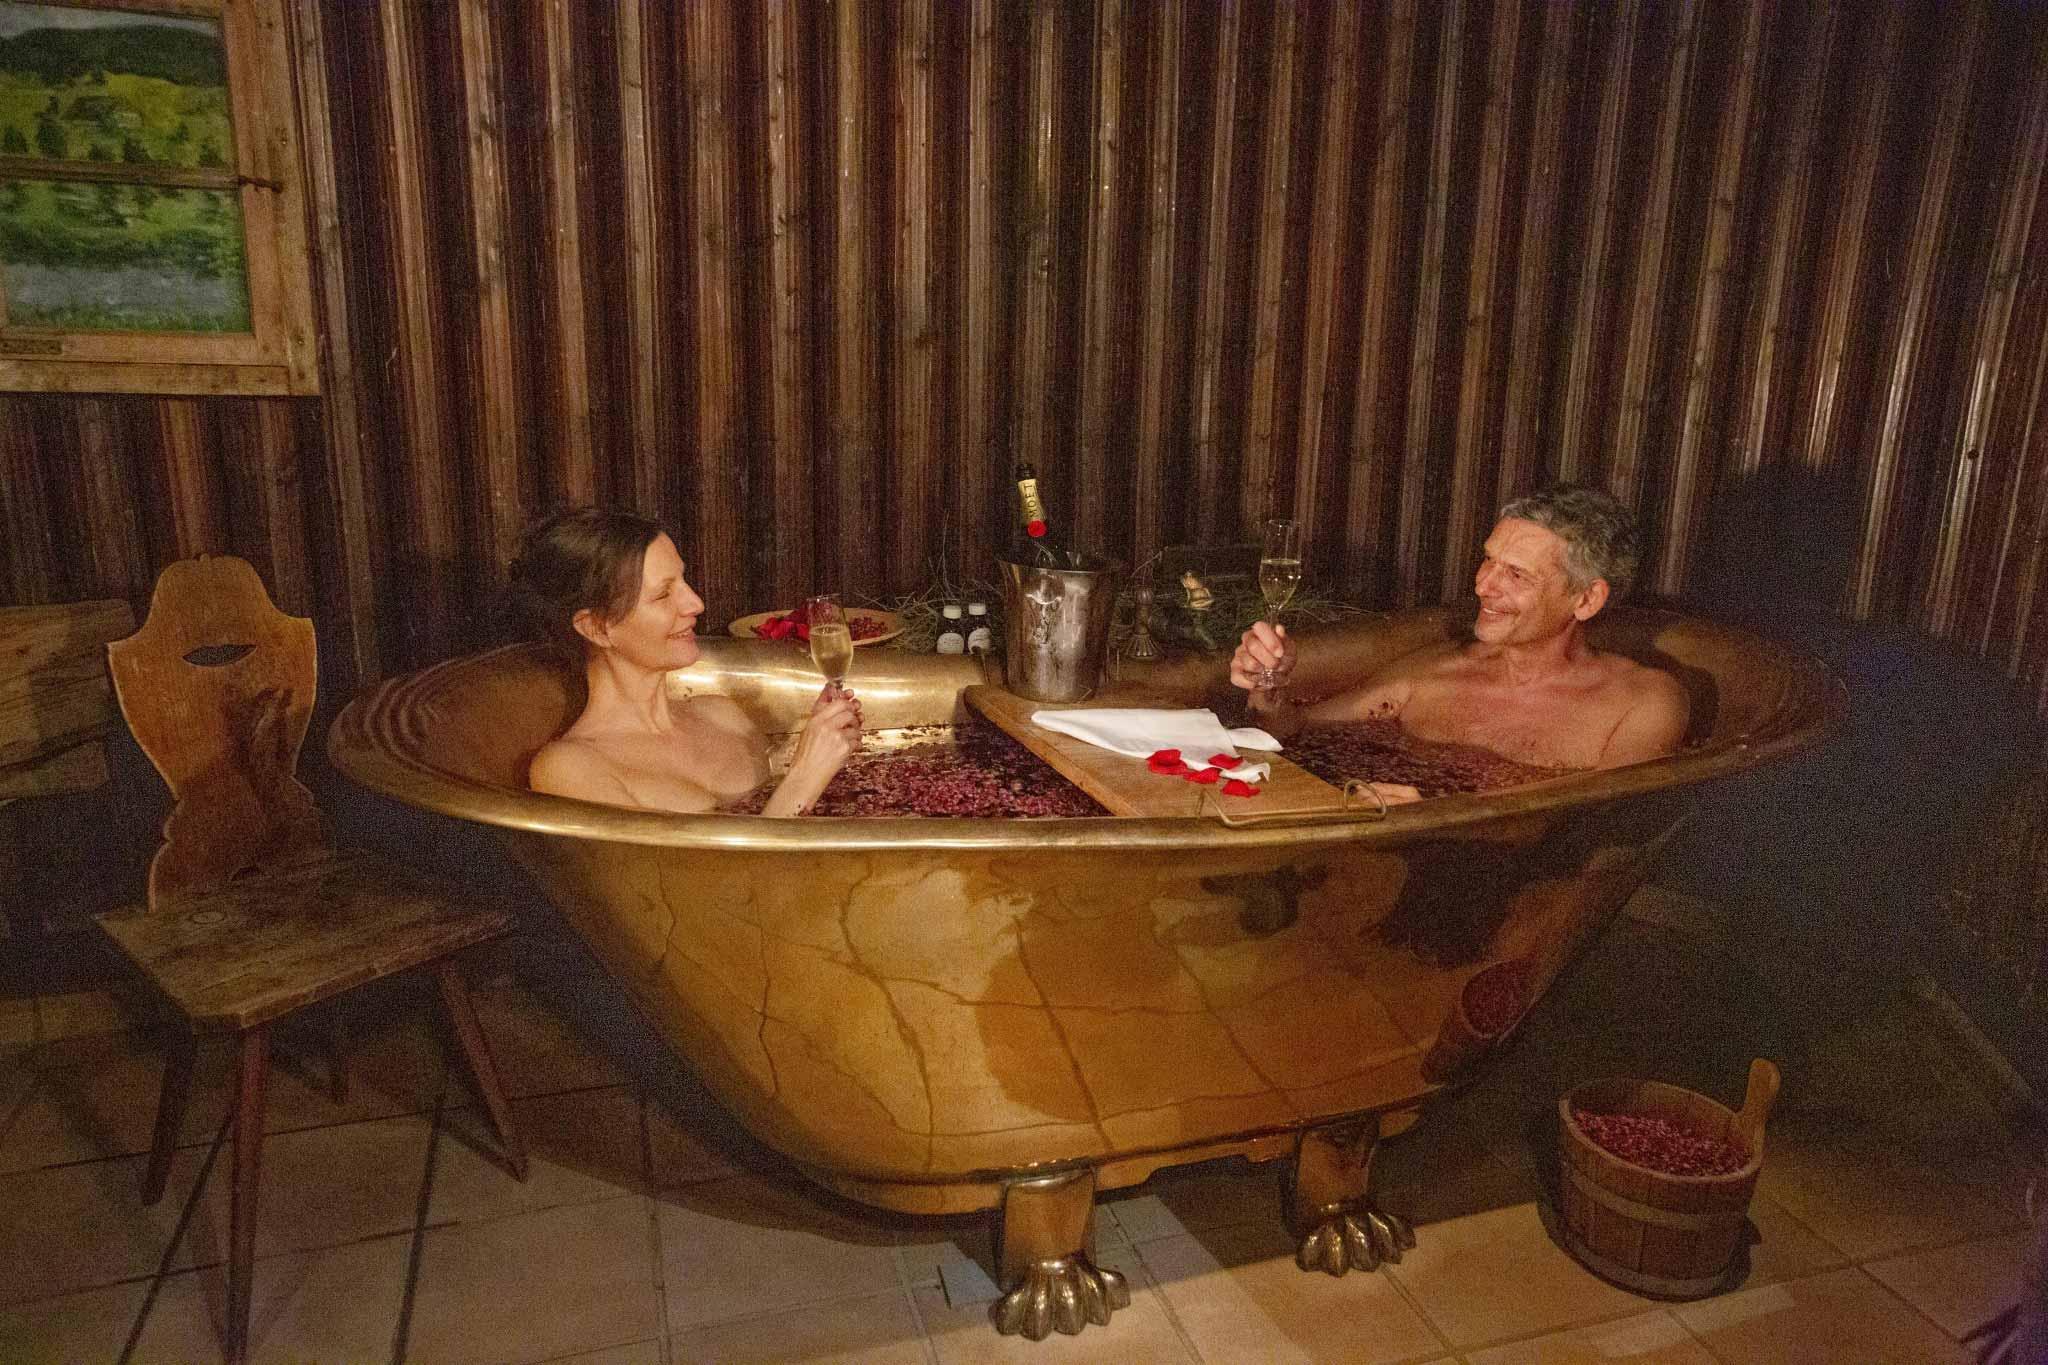 Paar bei Wellness-Ritual im Vier Jahreszeiten am Schluchsee